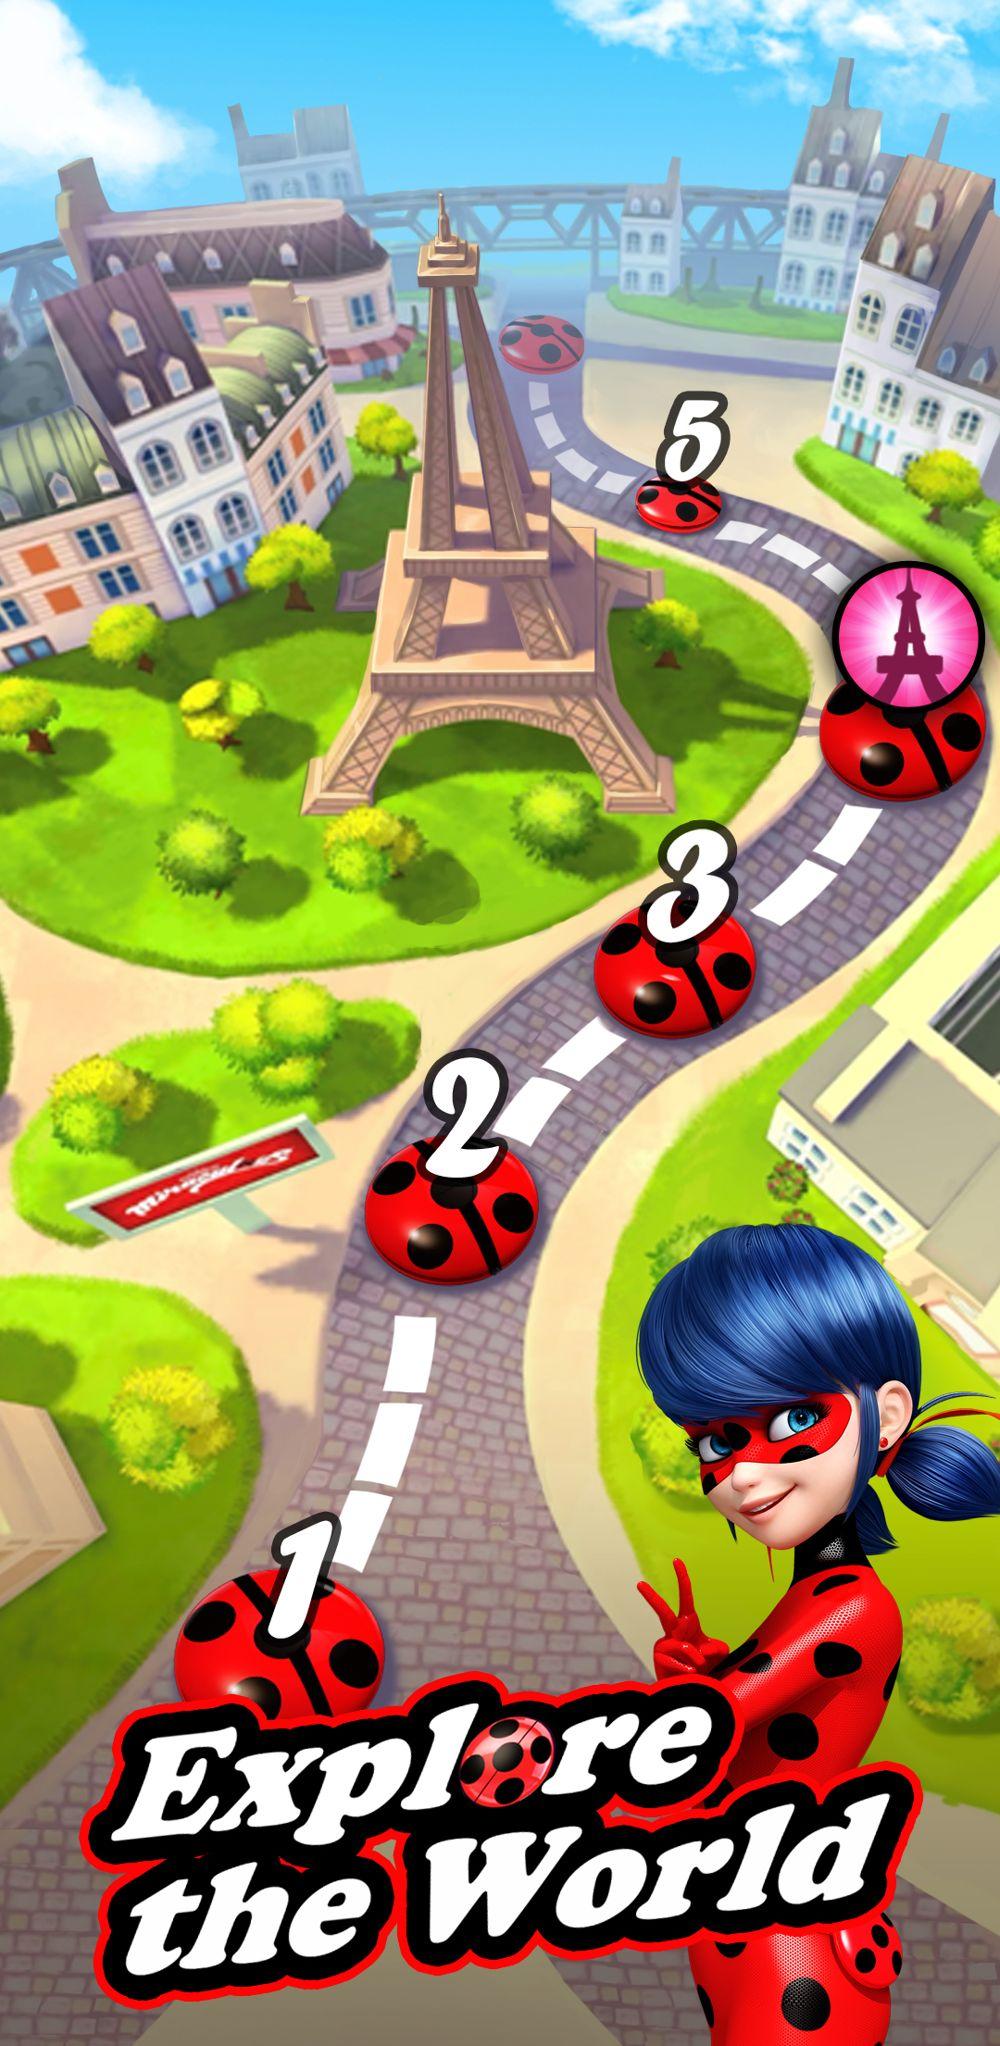 Miraculous LadybugPuzzle RPG